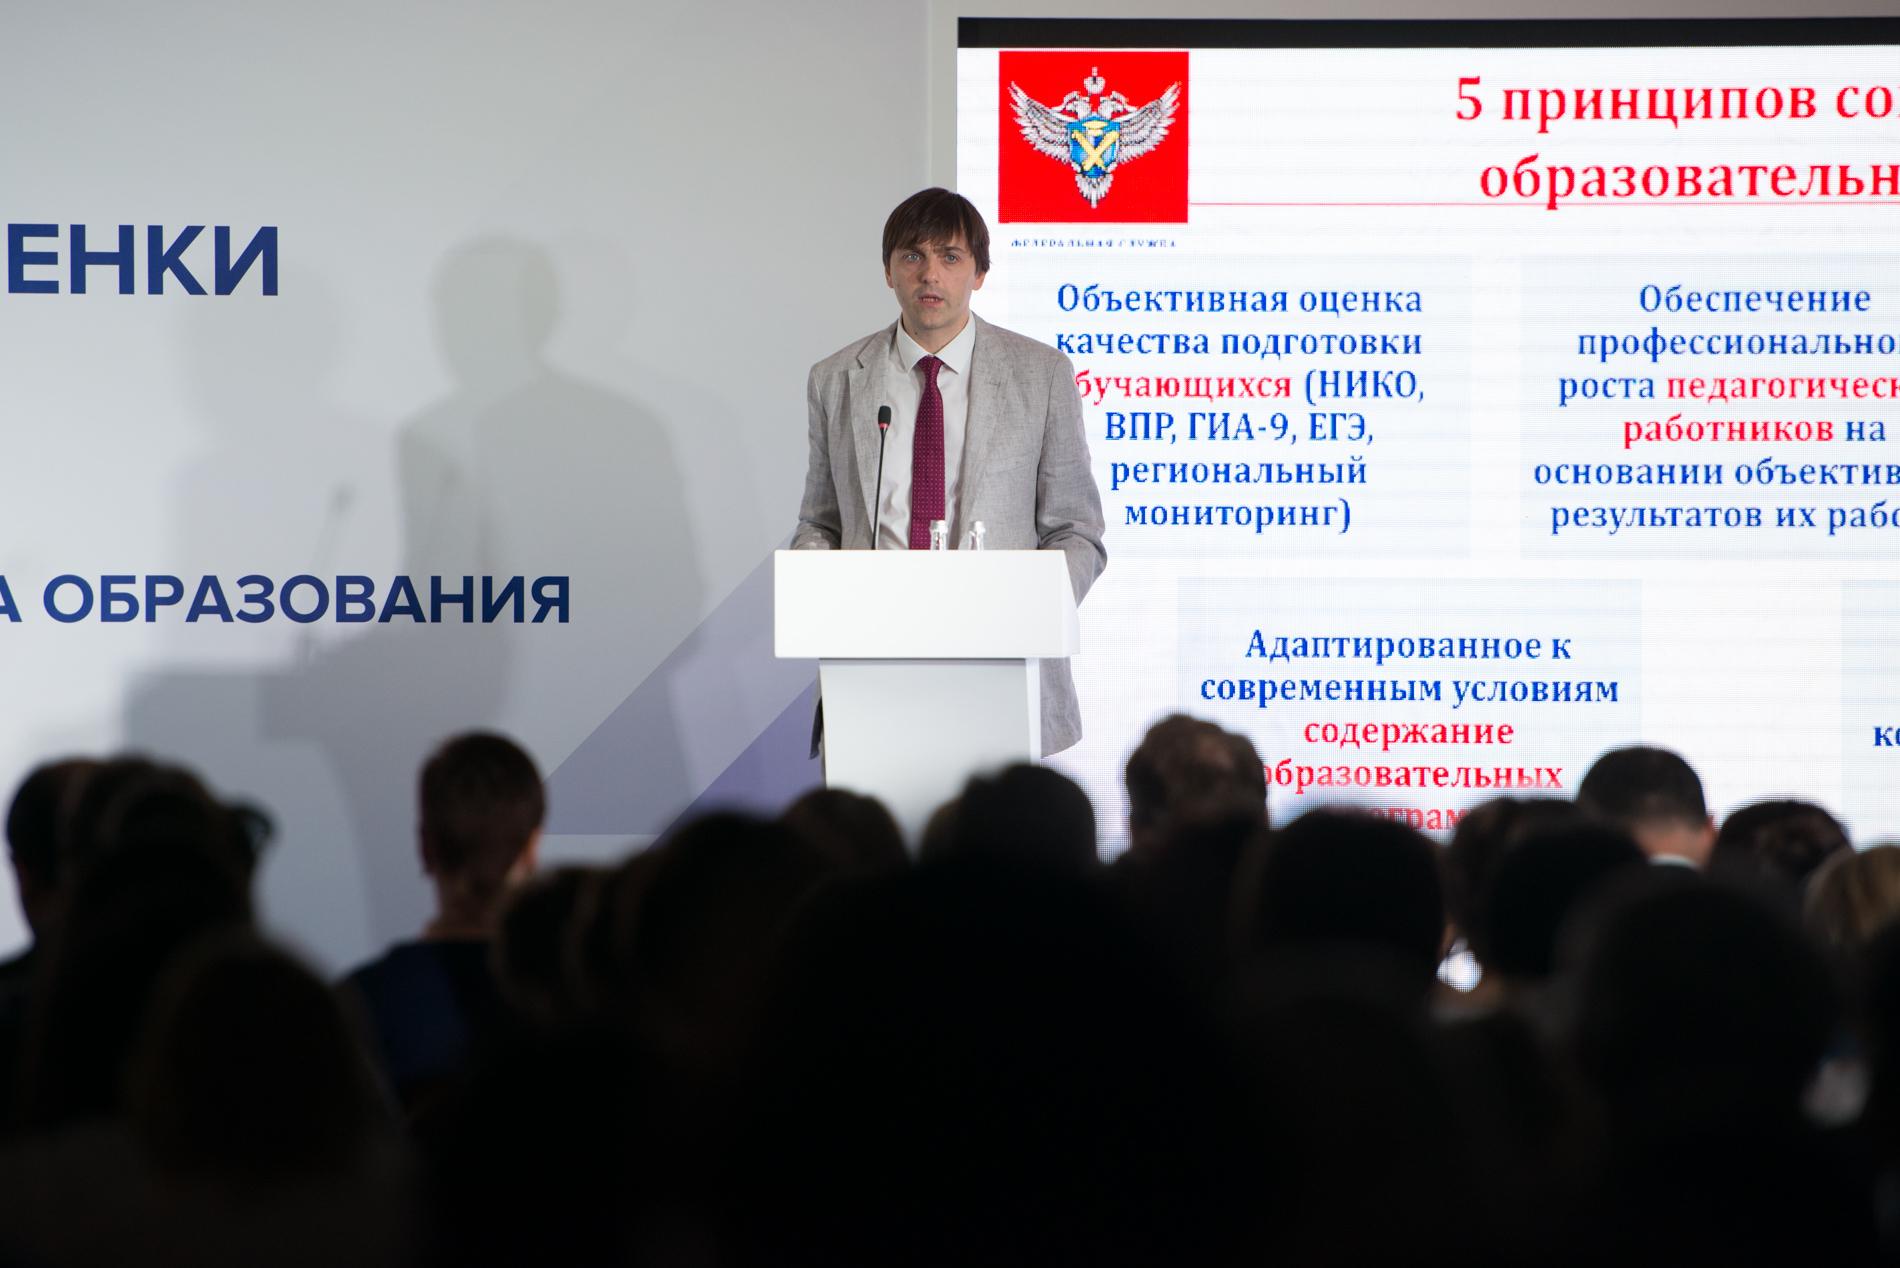 Источник:  obrnadzor.gov.ru